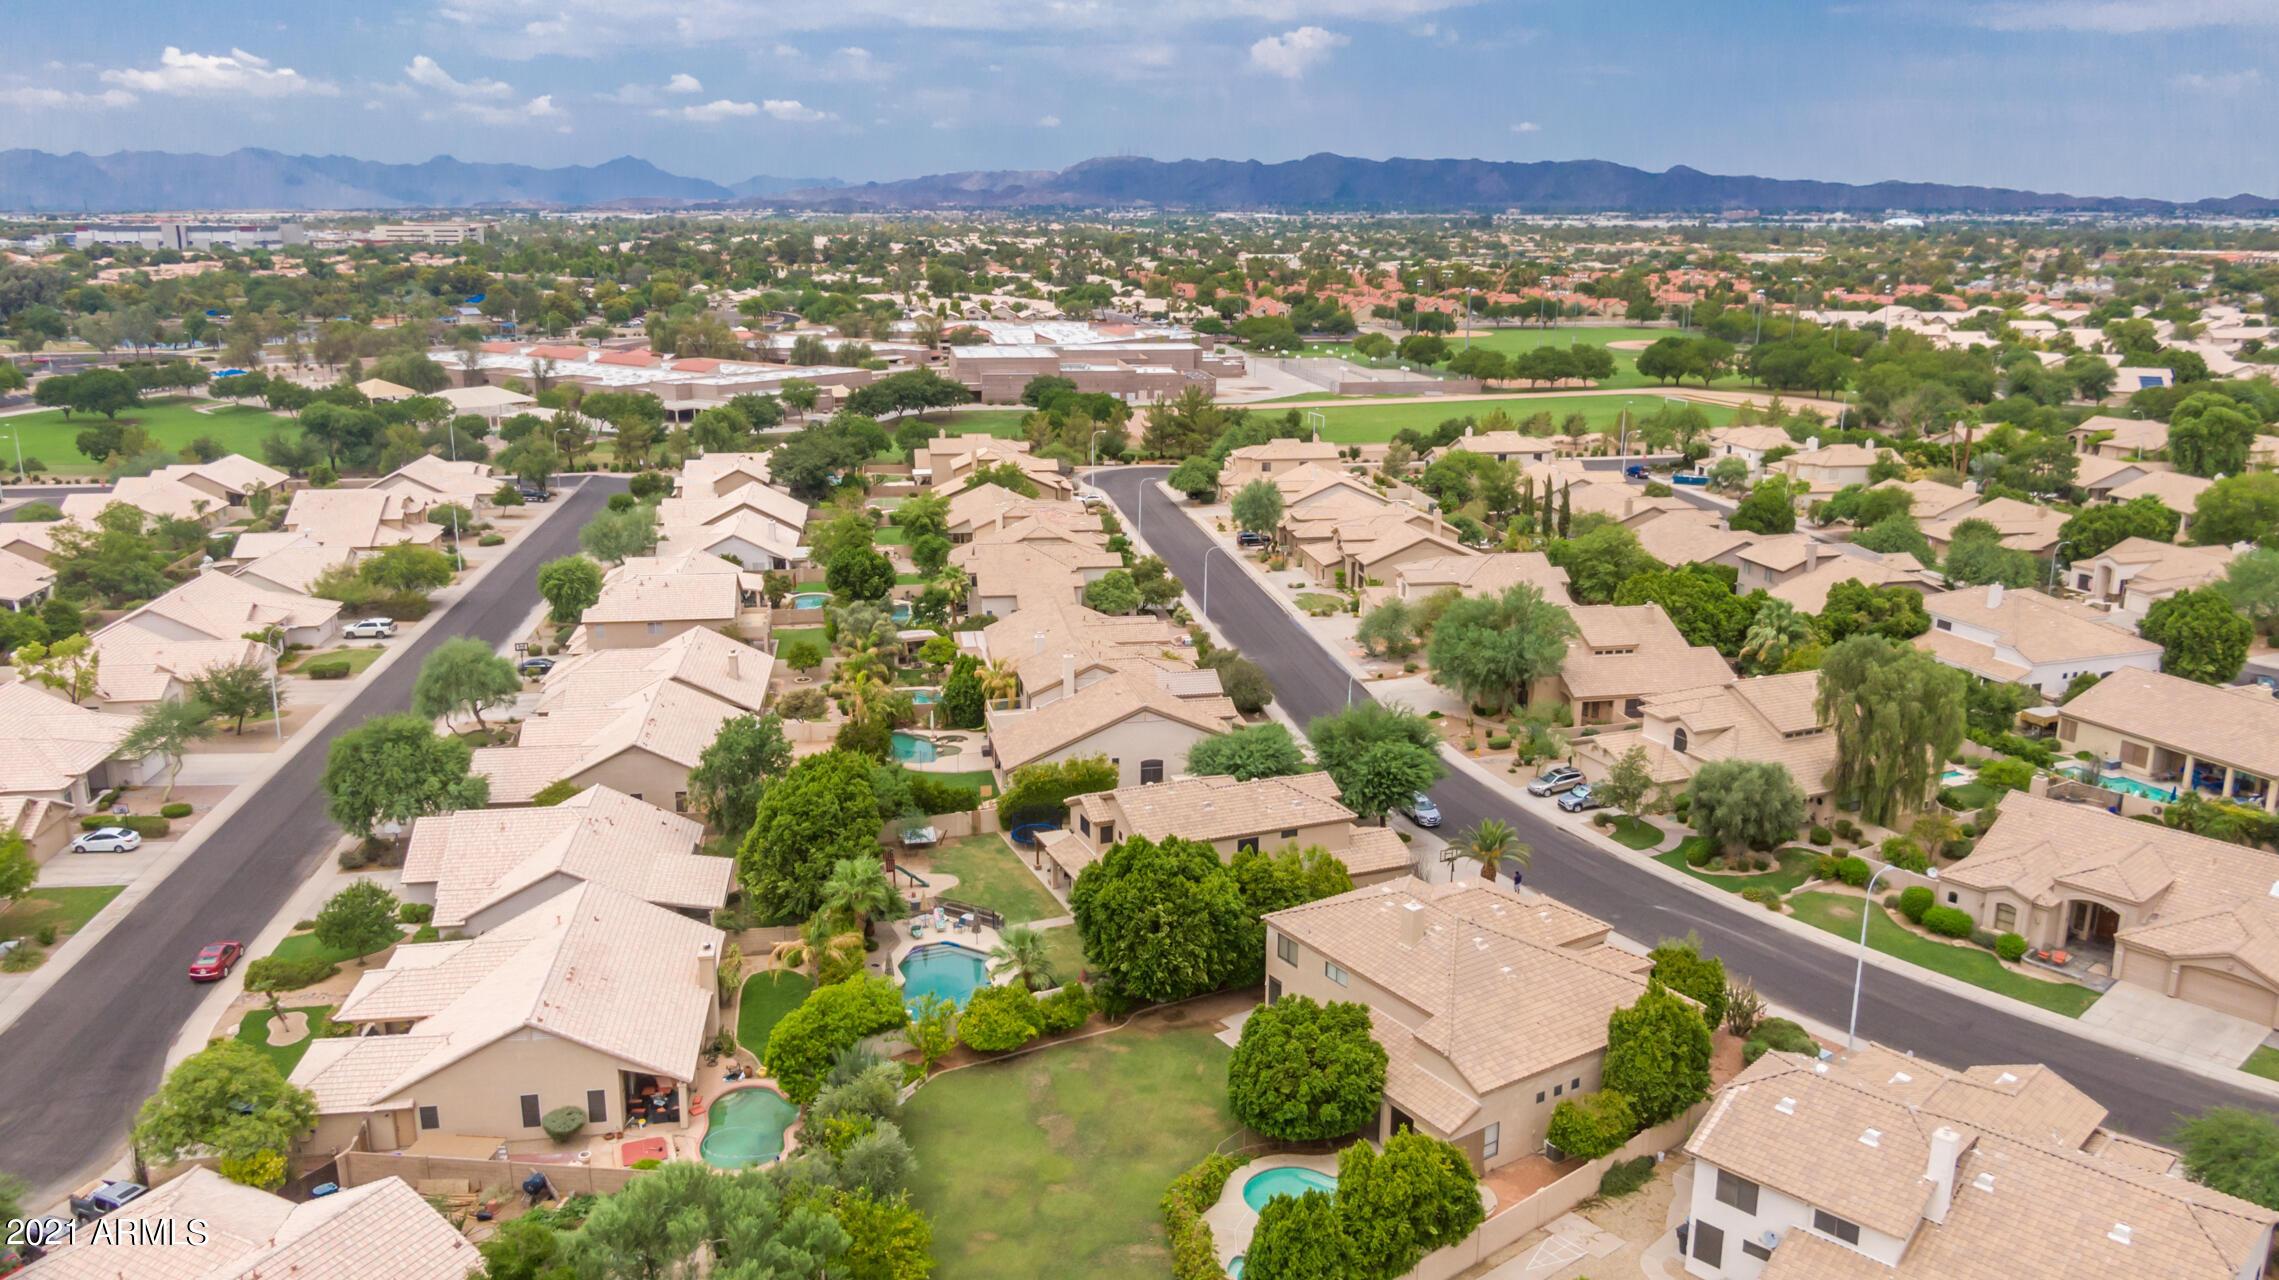 MLS 6266683 4155 W HARRISON Street, Chandler, AZ 85226 Chandler AZ West Chandler